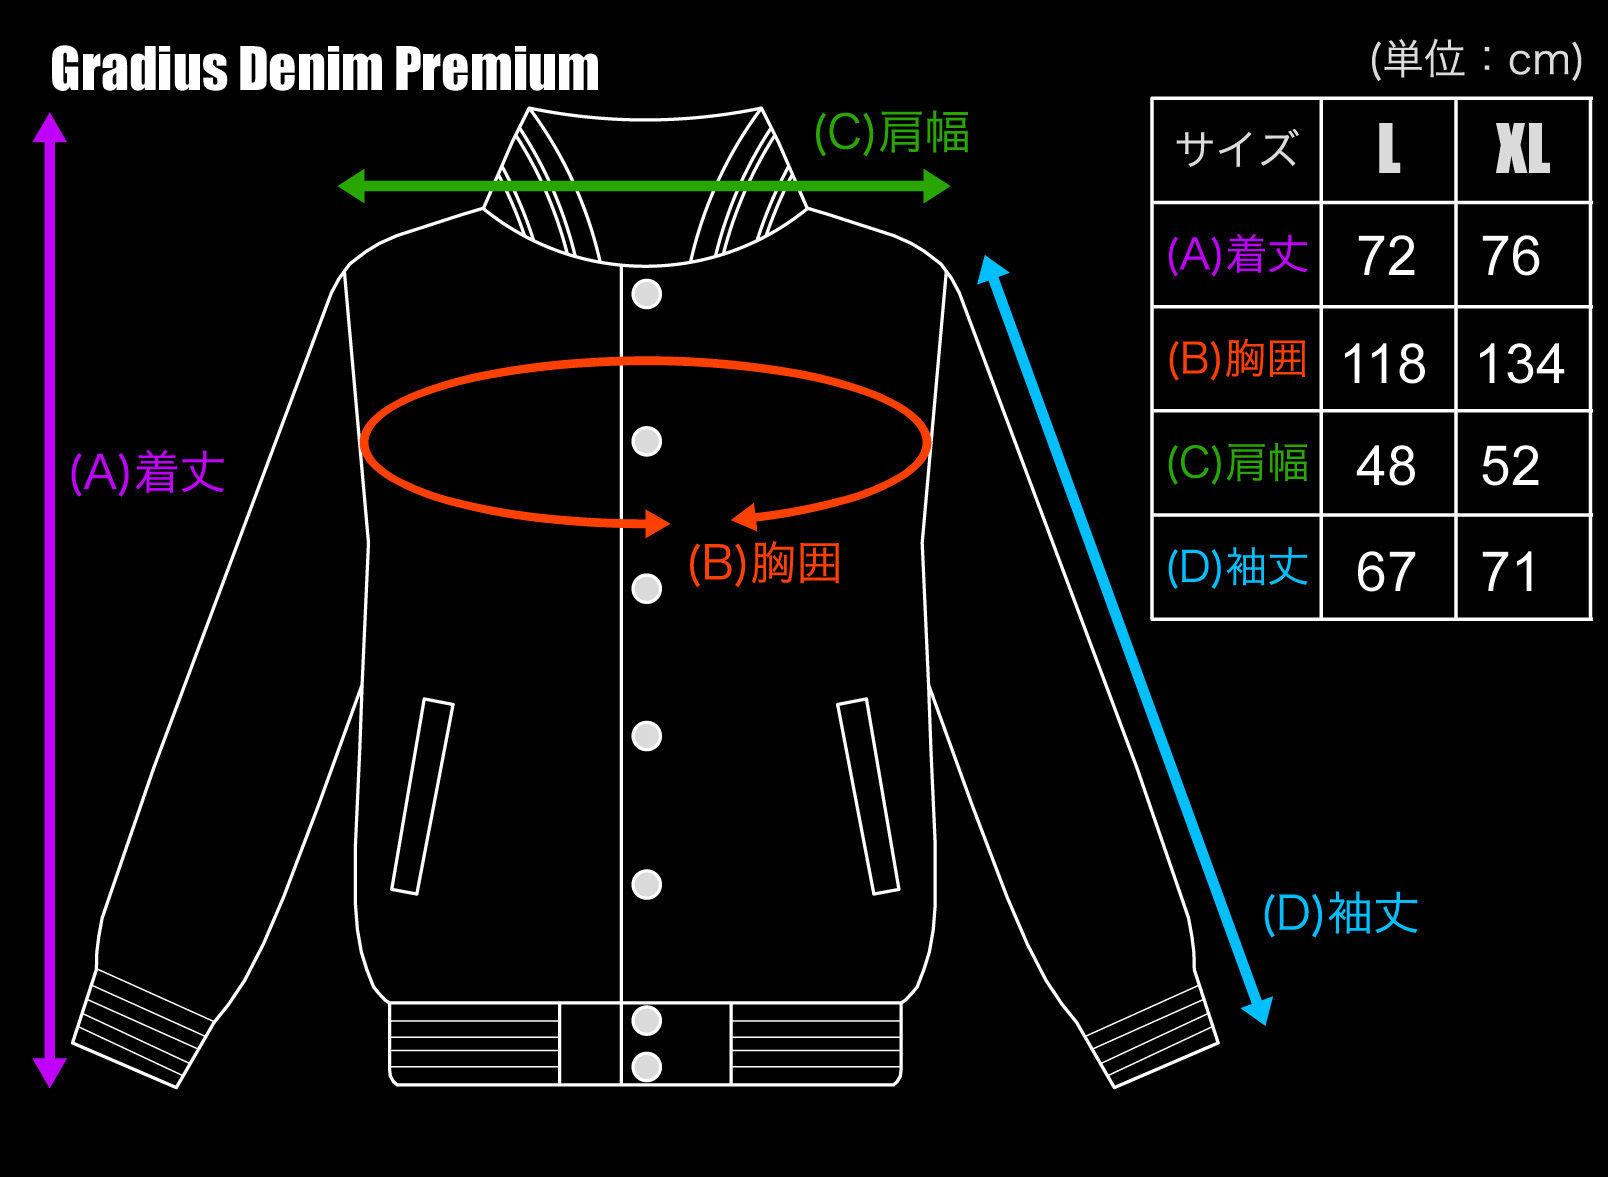 グラディウスパイロットジャケット - Premium Denim Collection - / GAMES GLORIOUS